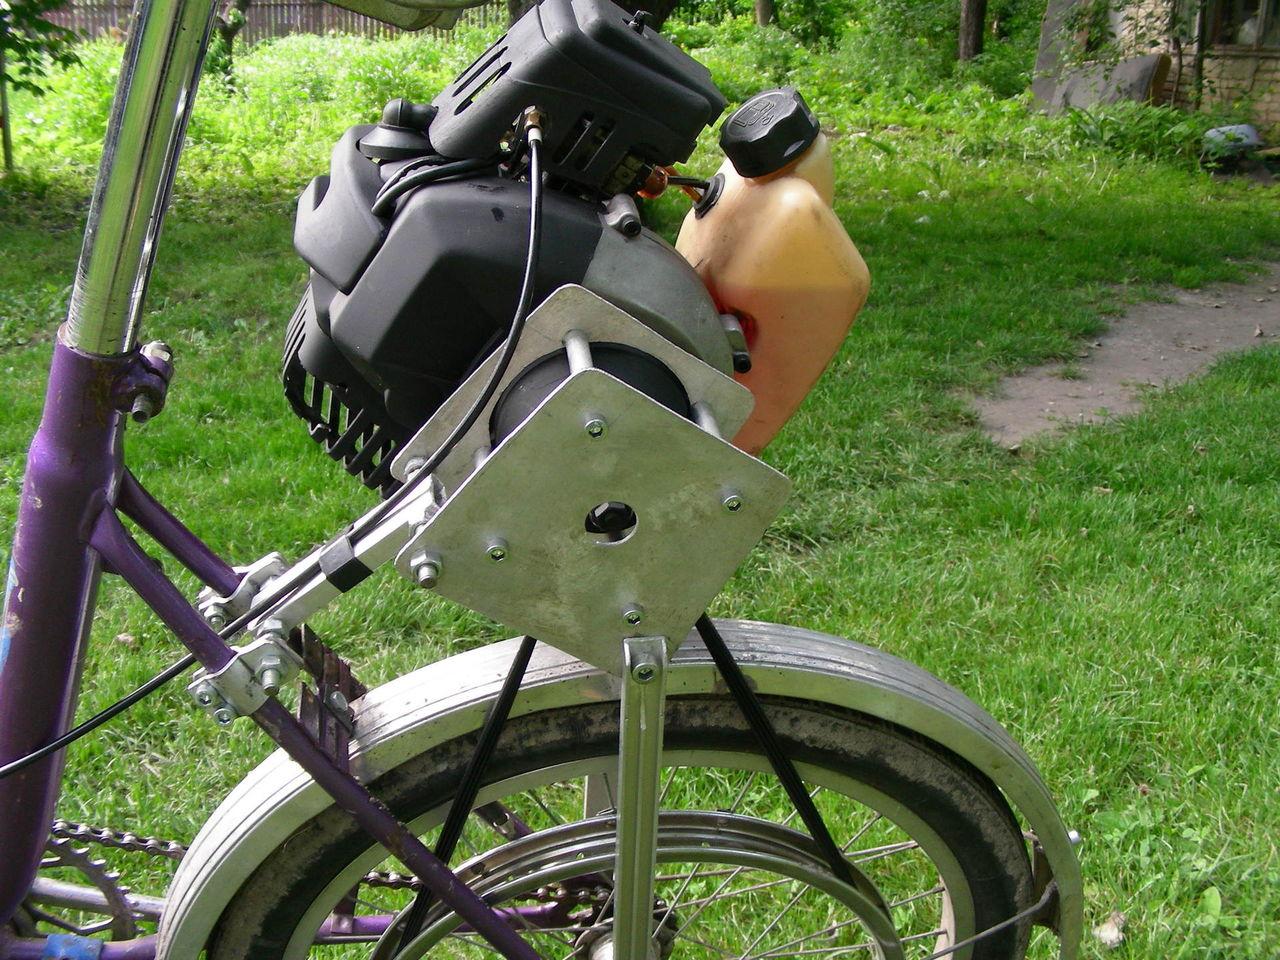 Есть ли смысл ремонтировать старый советский велосипед